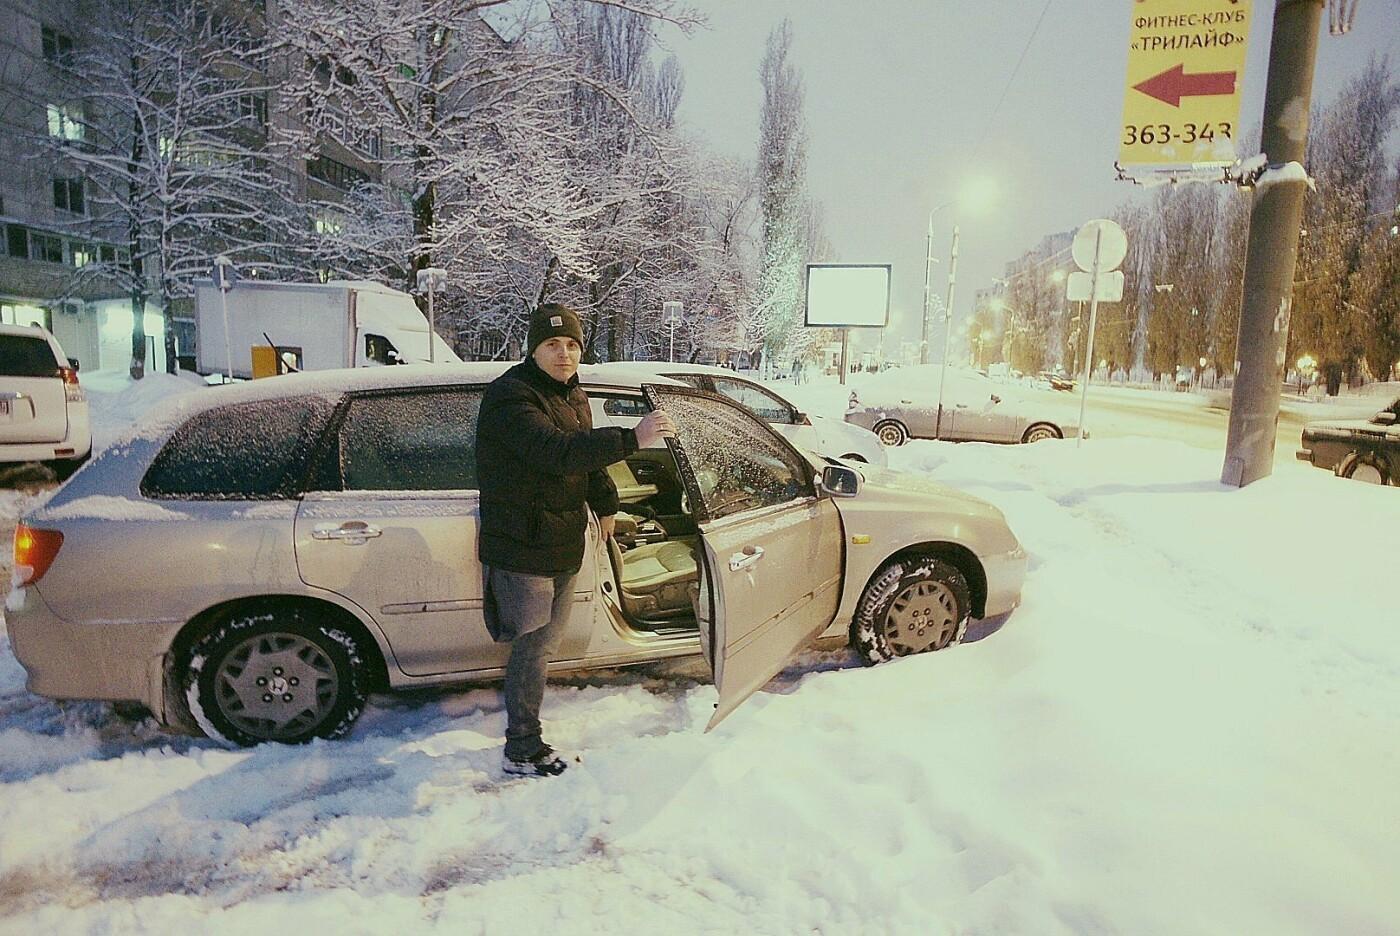 «Я не ограничен». Как живётся спортсмену без ноги в Белгороде, фото-14